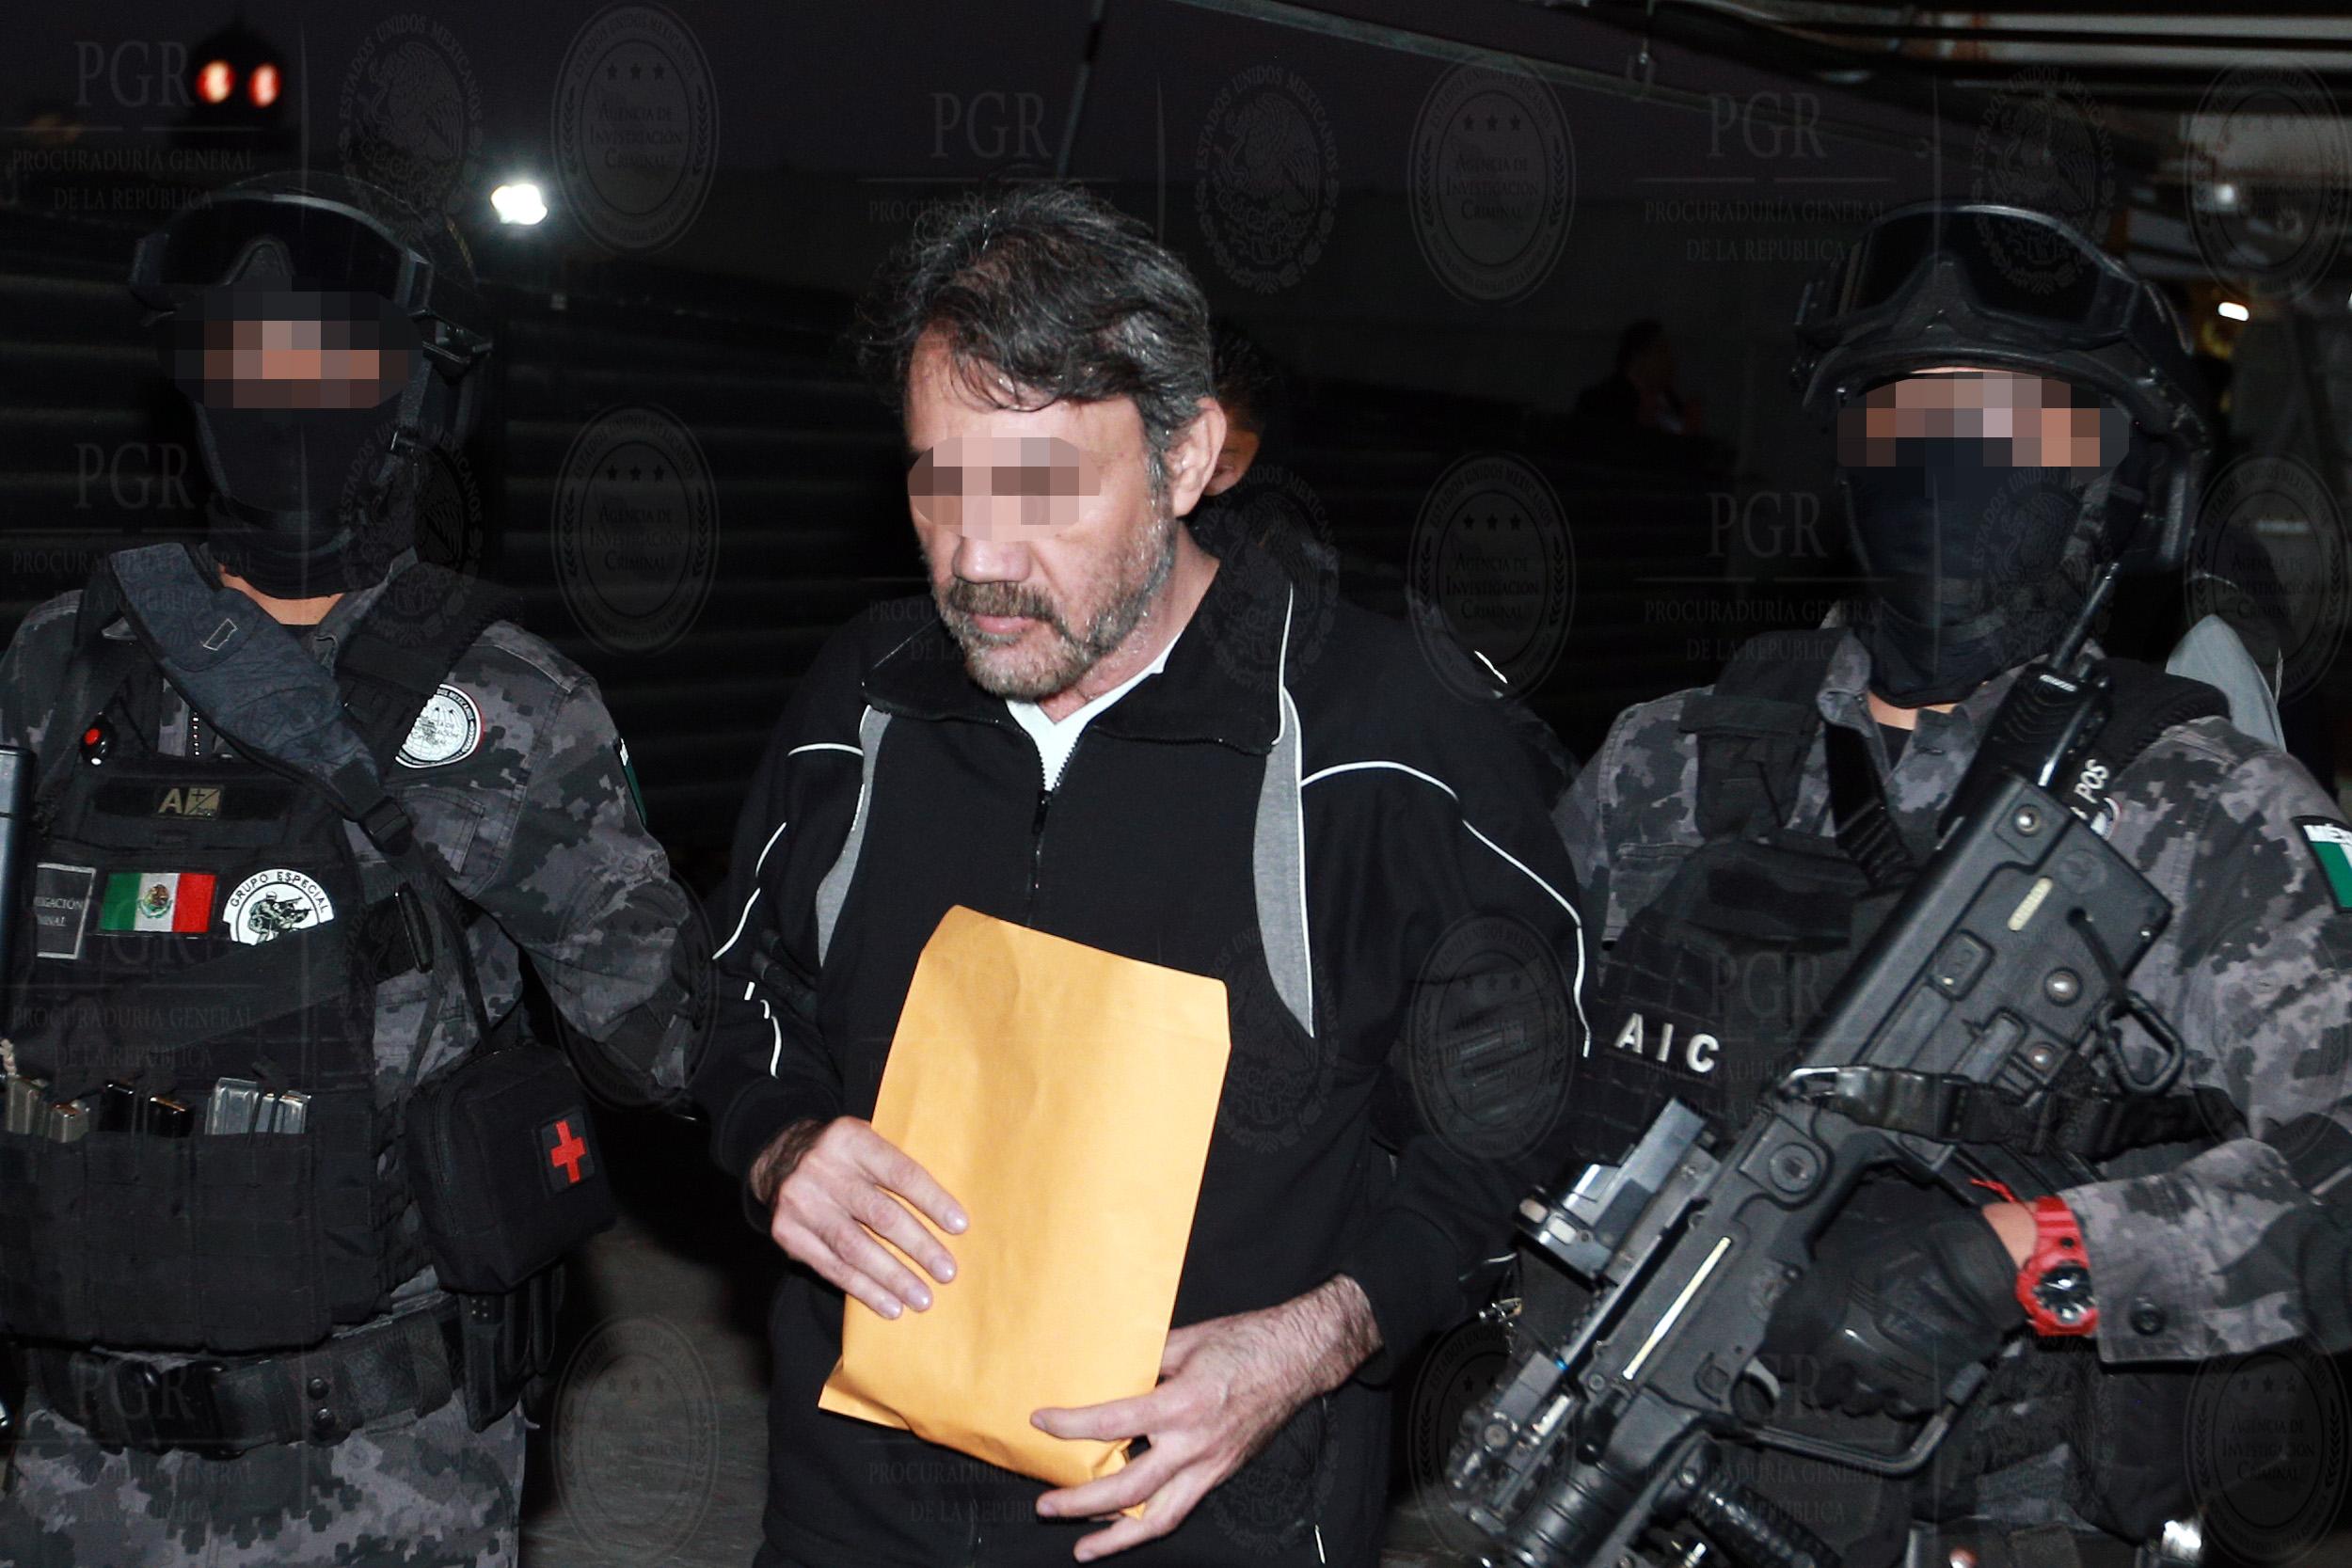 Dámaso López ingresa a penal de máxima seguridad en Ciudad Juárez